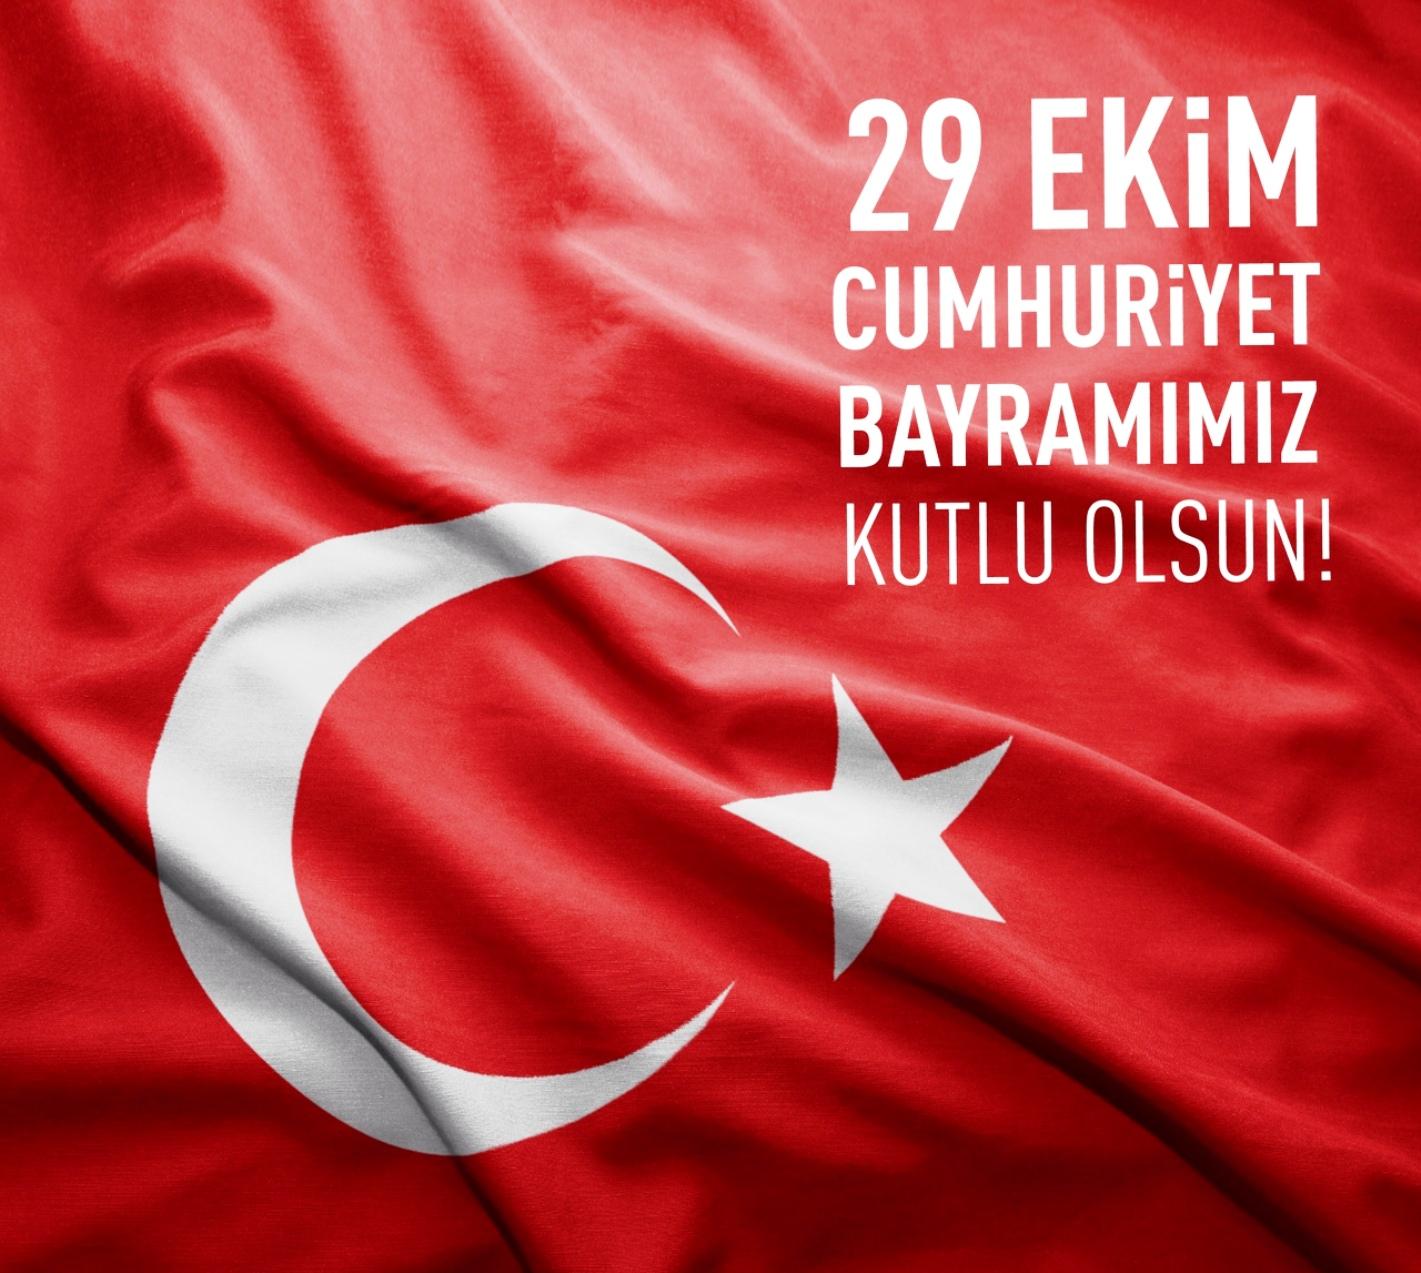 29 ekim cumhuriyet bayramı şiirleri 2 kıtalık resimli